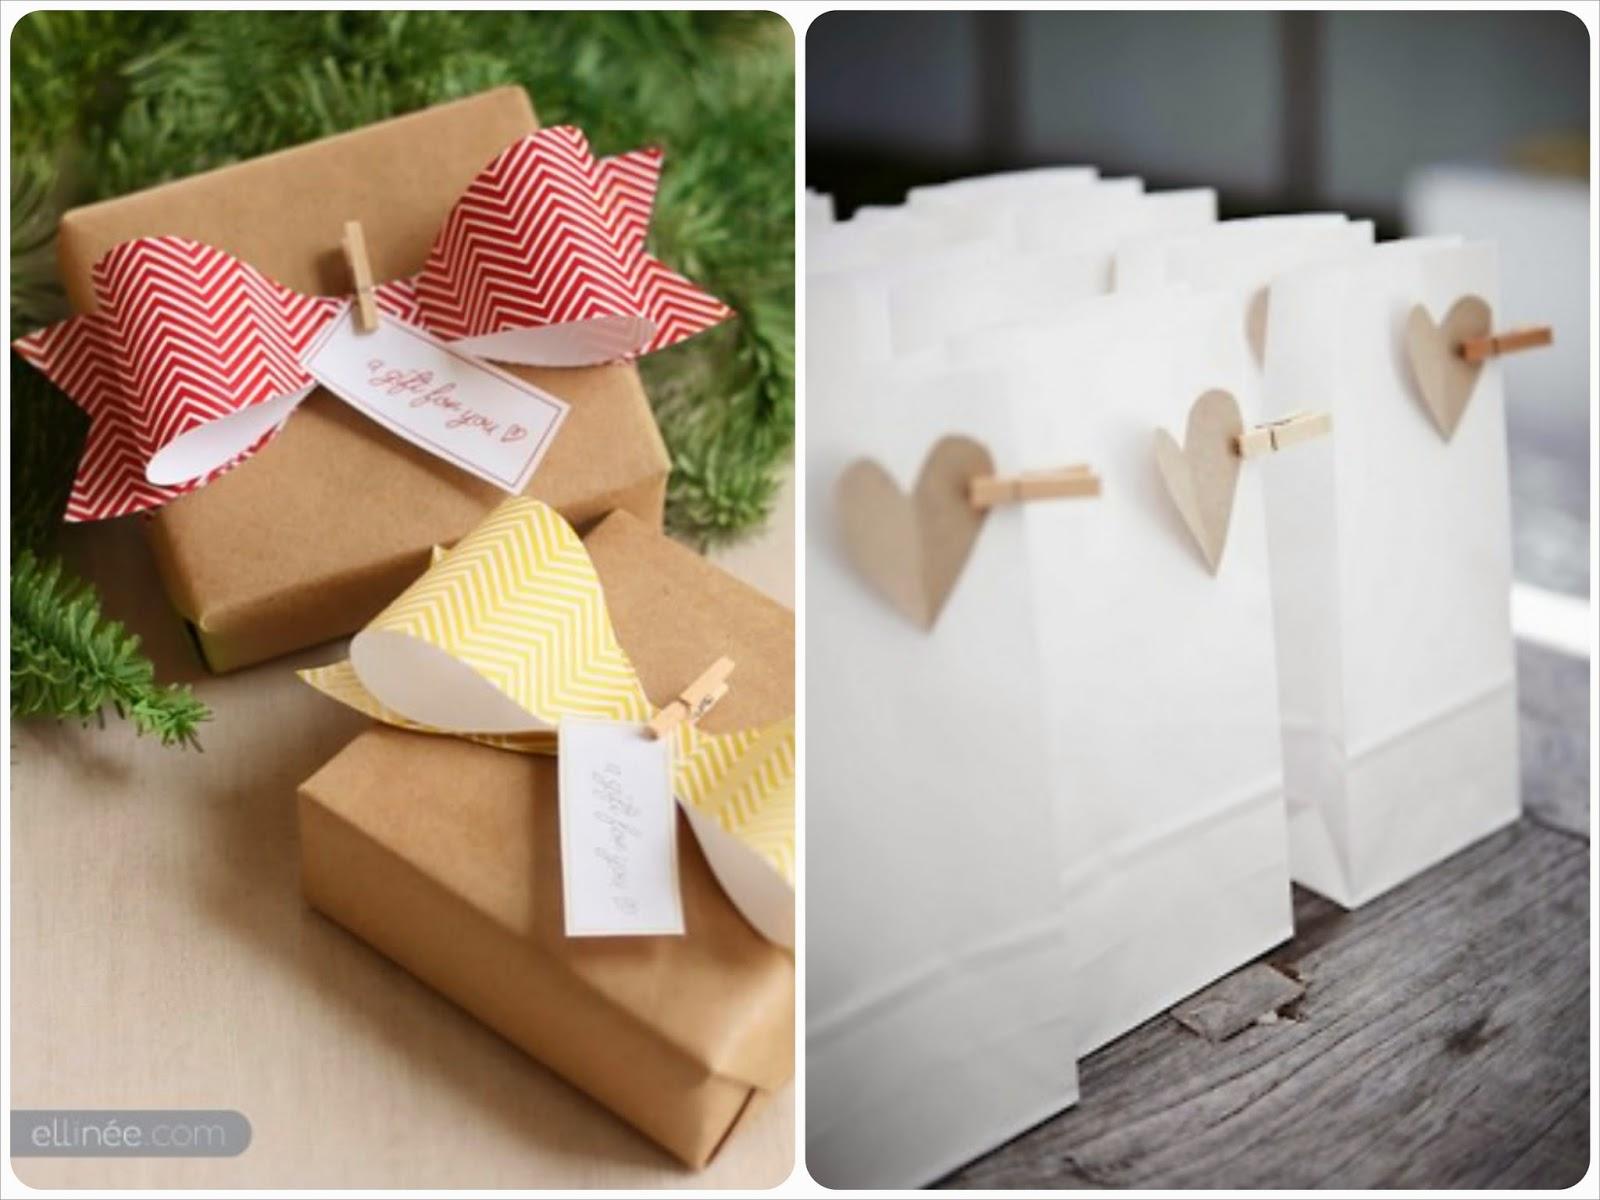 Blog de tu d a con amor invitaciones y detalles de boda - Detalles decoracion boda ...